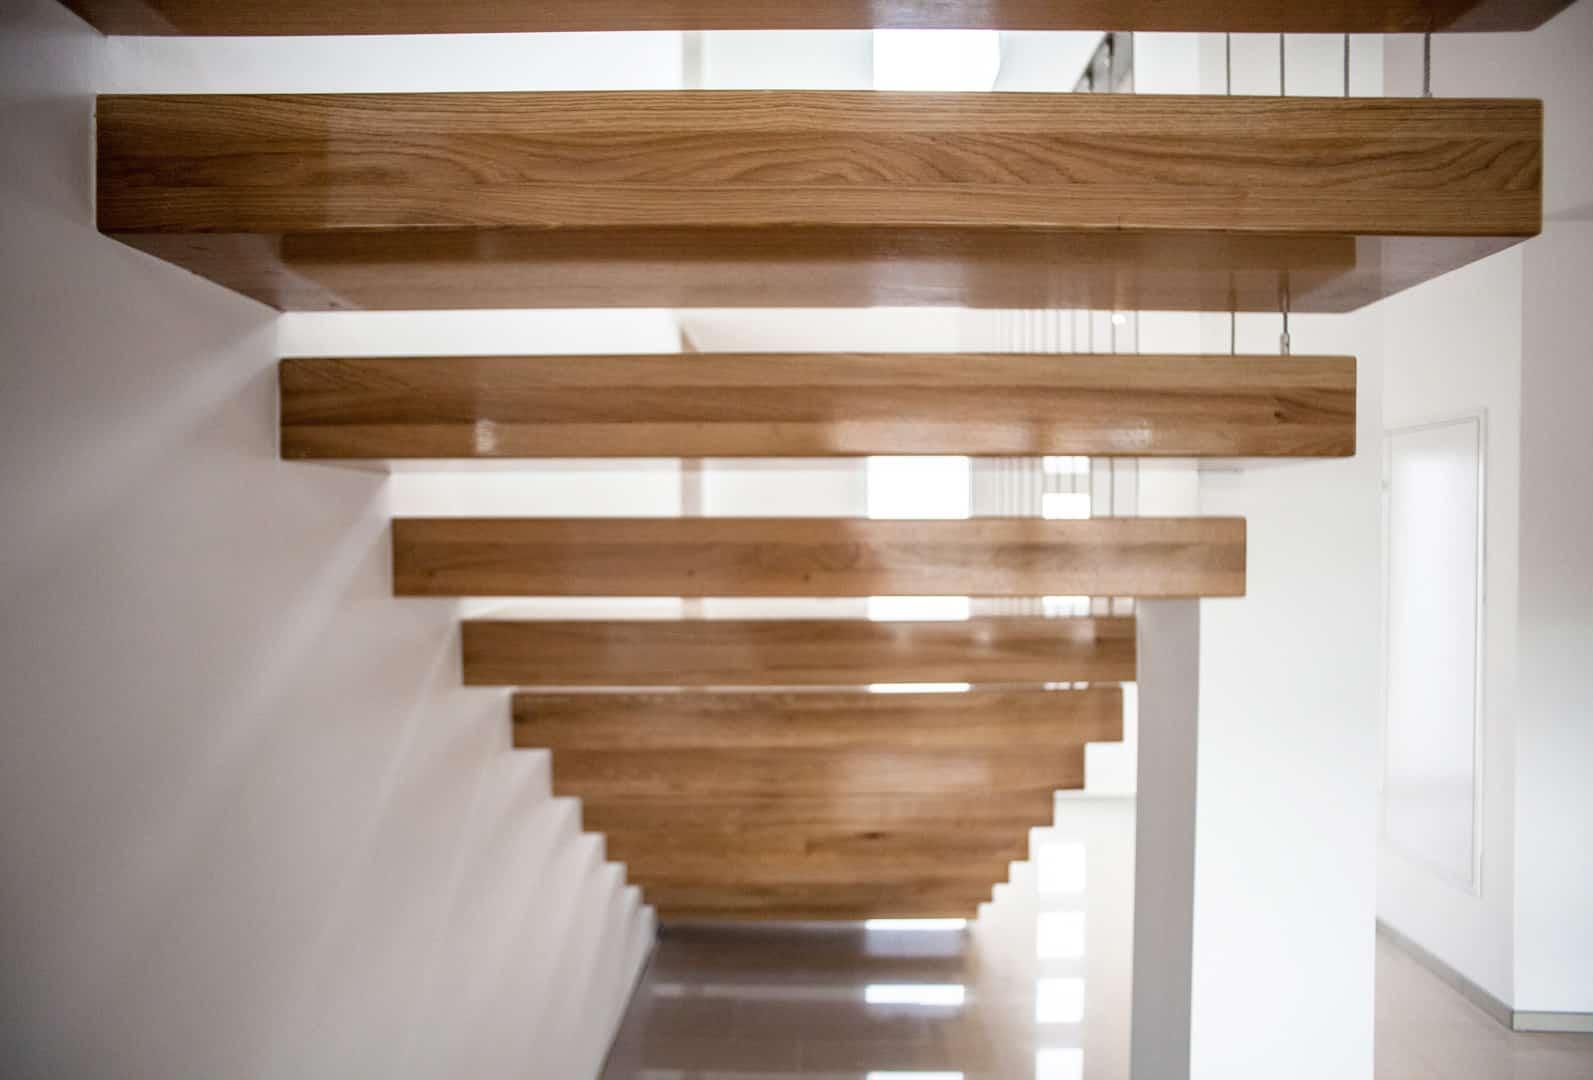 Treppen Ohne Geländer metallia treppe treppengeländer metallia